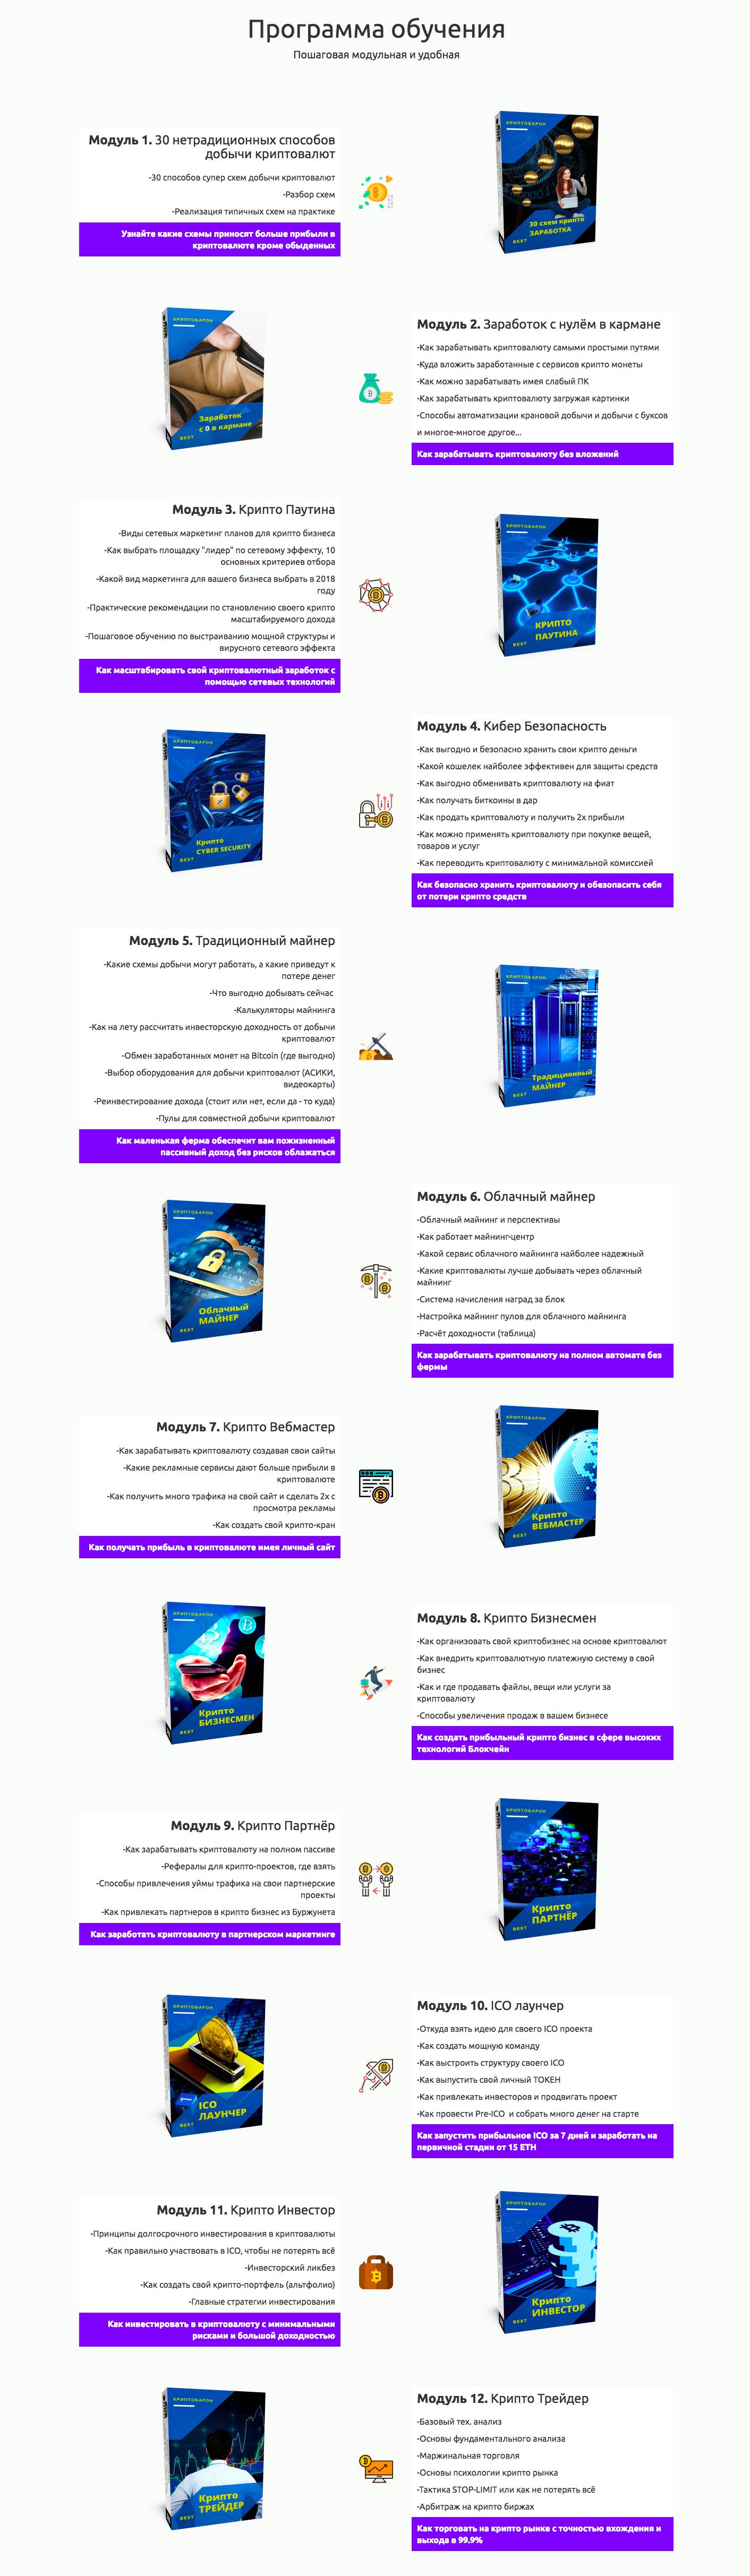 image КриптоБарон 1.0: Как зарабатывать криптовалюту с нулем в кармане? [3 МОДУЛЯ ИЗ 12]